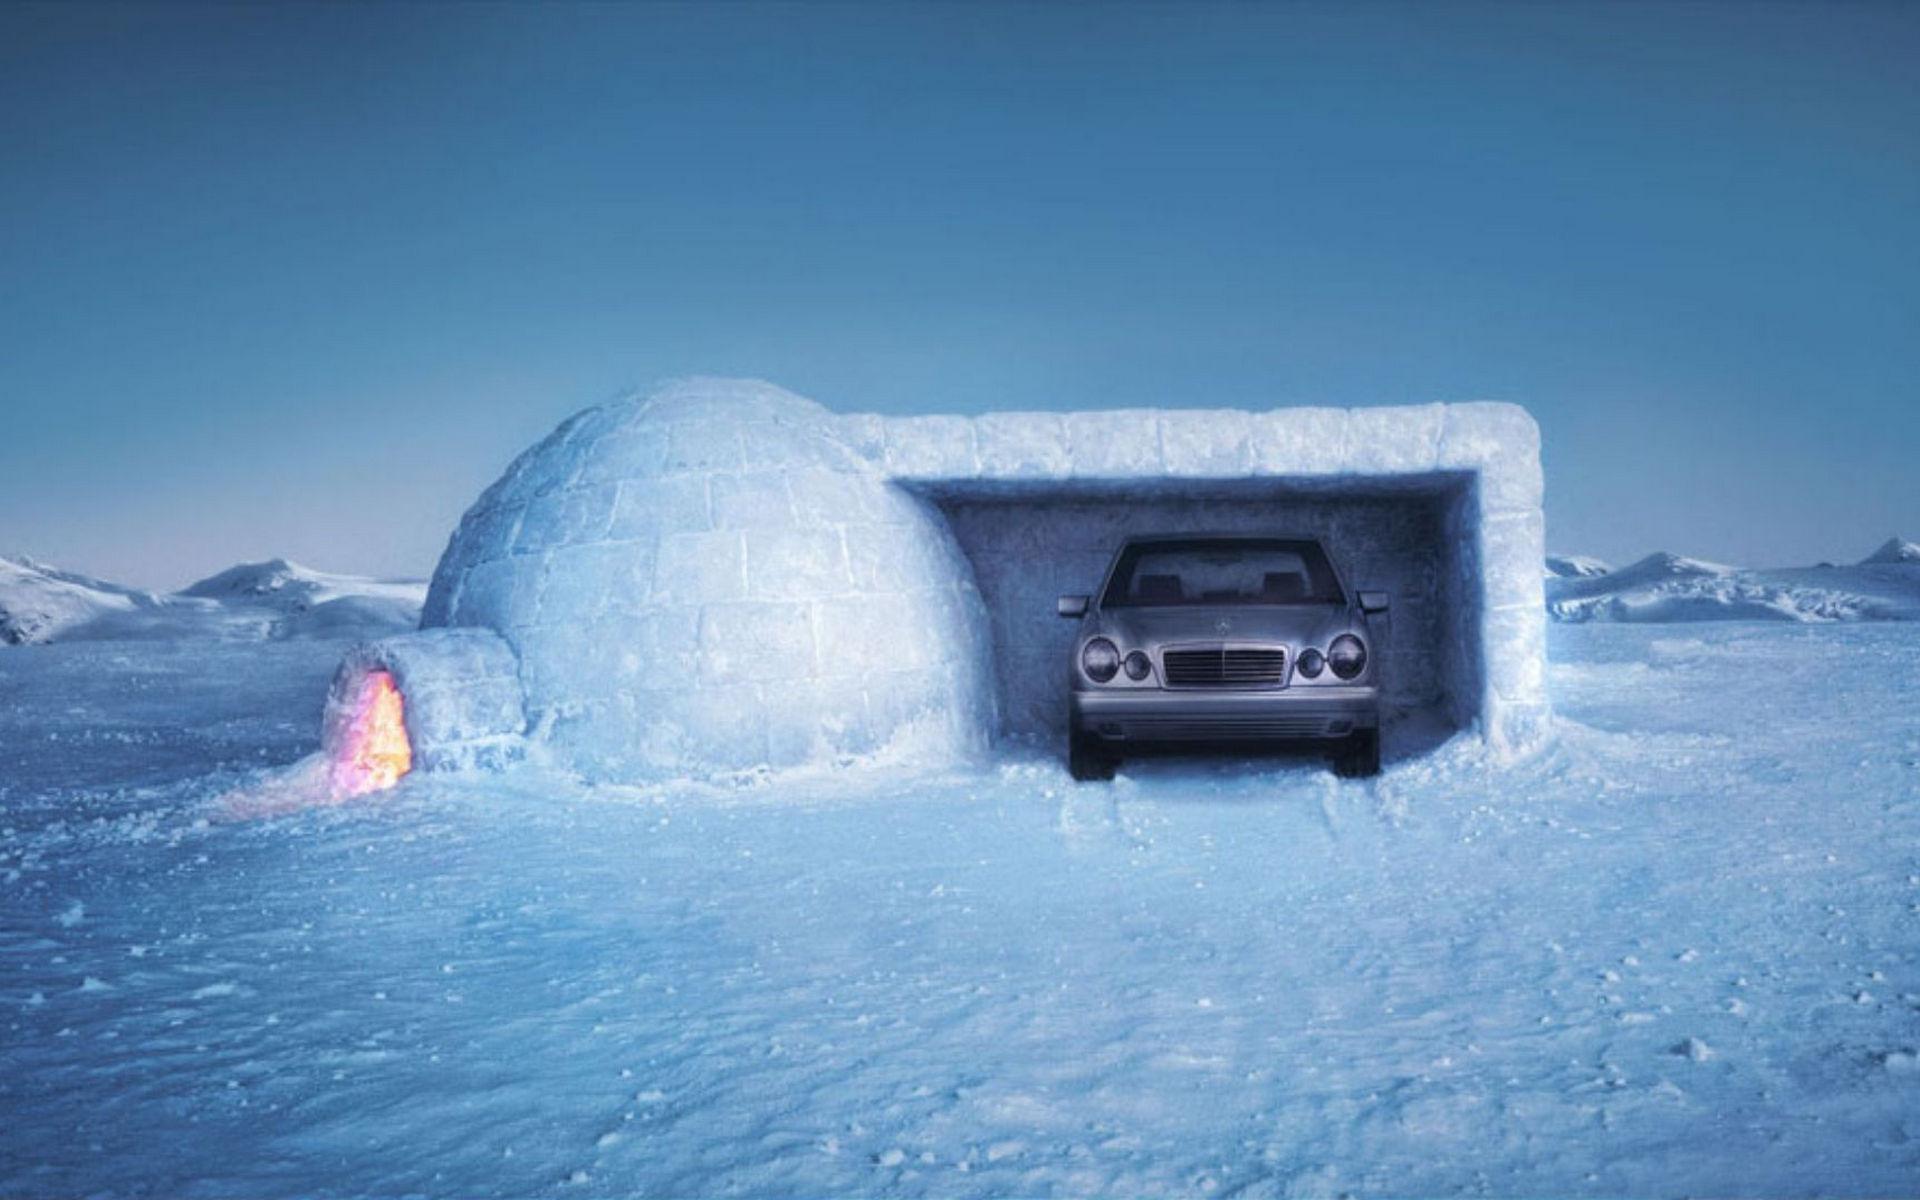 обои жилище эскимосов, иглу, свет, гараж картинки фото